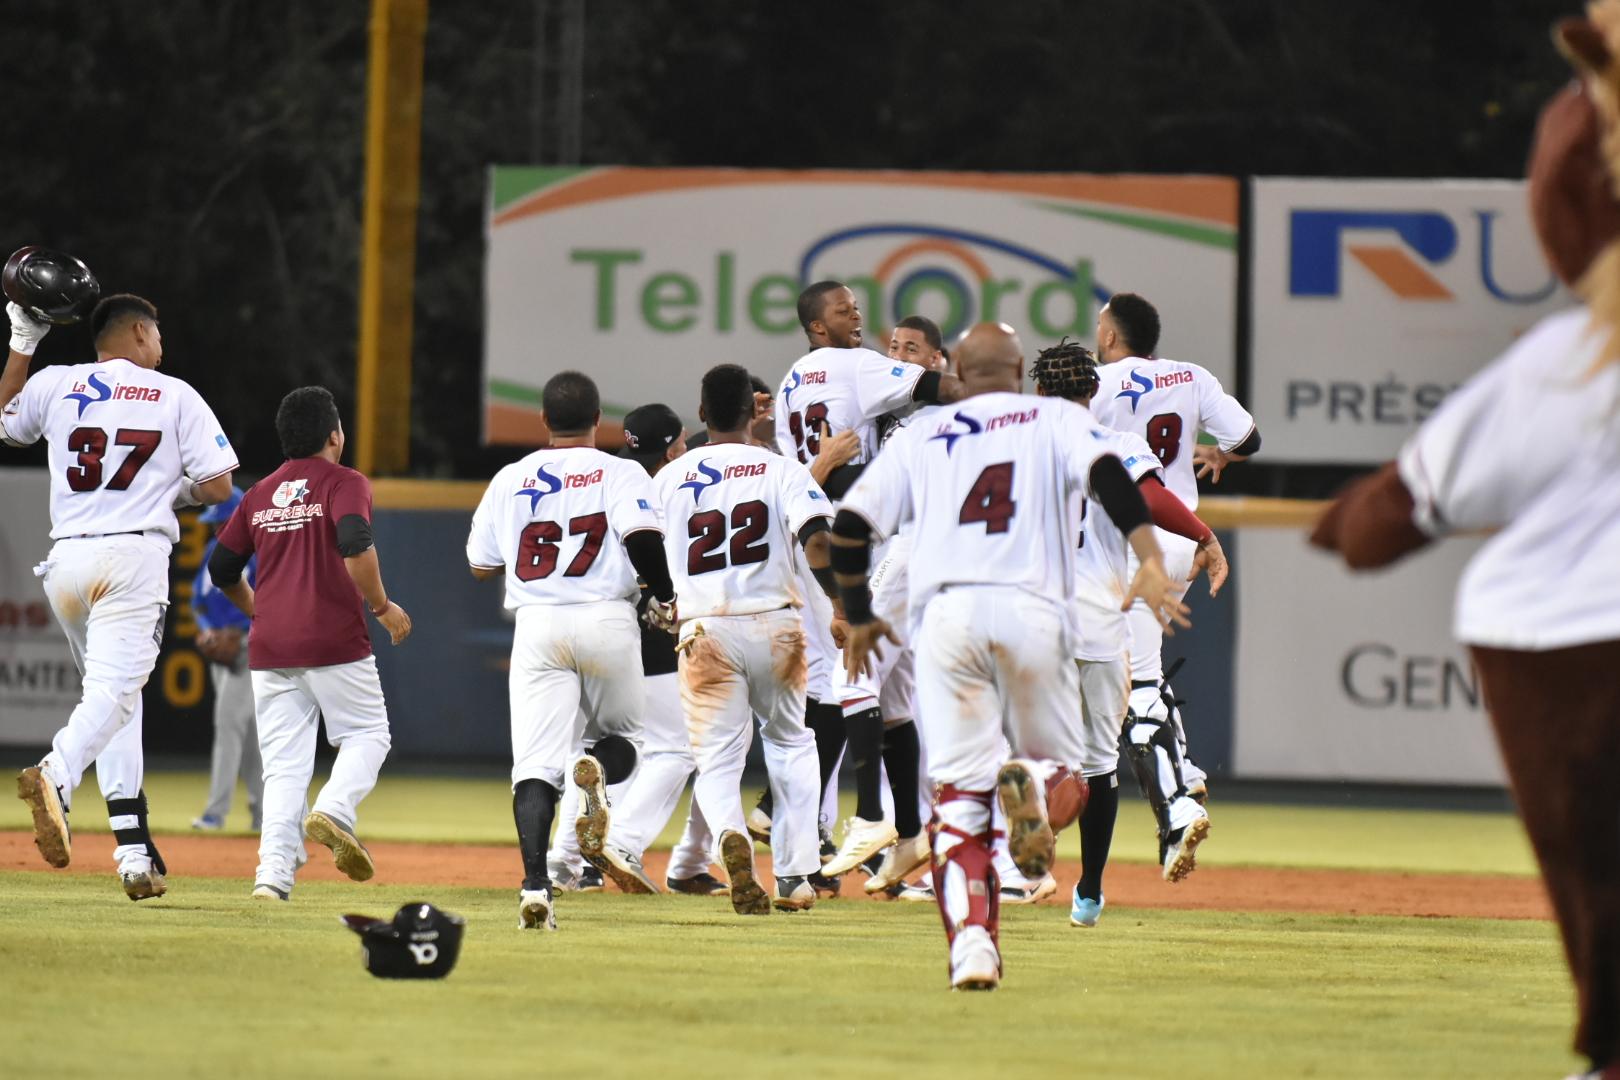 Gigantes del Cibao tendrá pretemporada de cinco partidos Vs Águilas